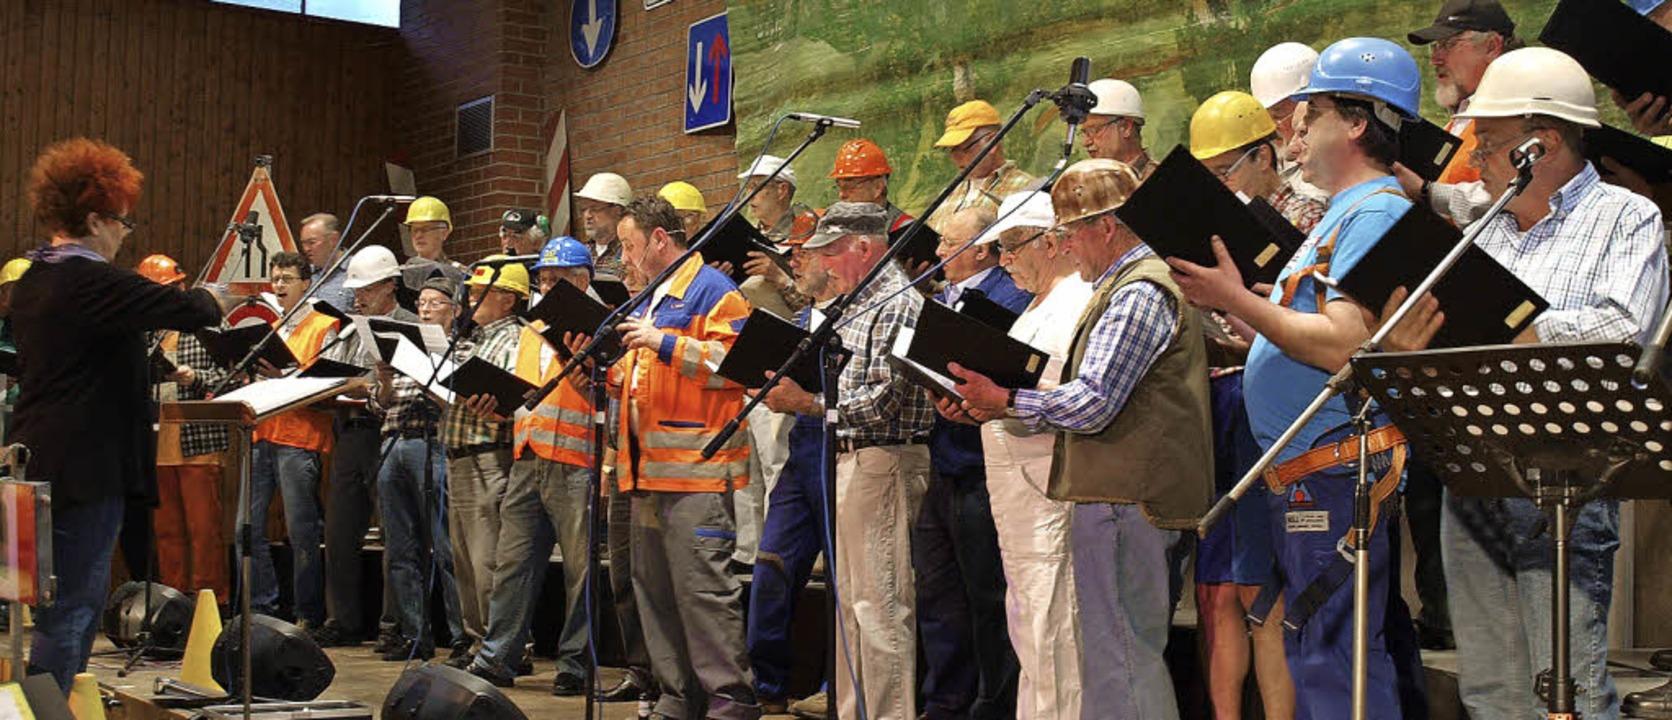 Sänger mit Helm: Der Gesangverein Tumringen beim Abrisskonzert.   | Foto: Paul Schleer